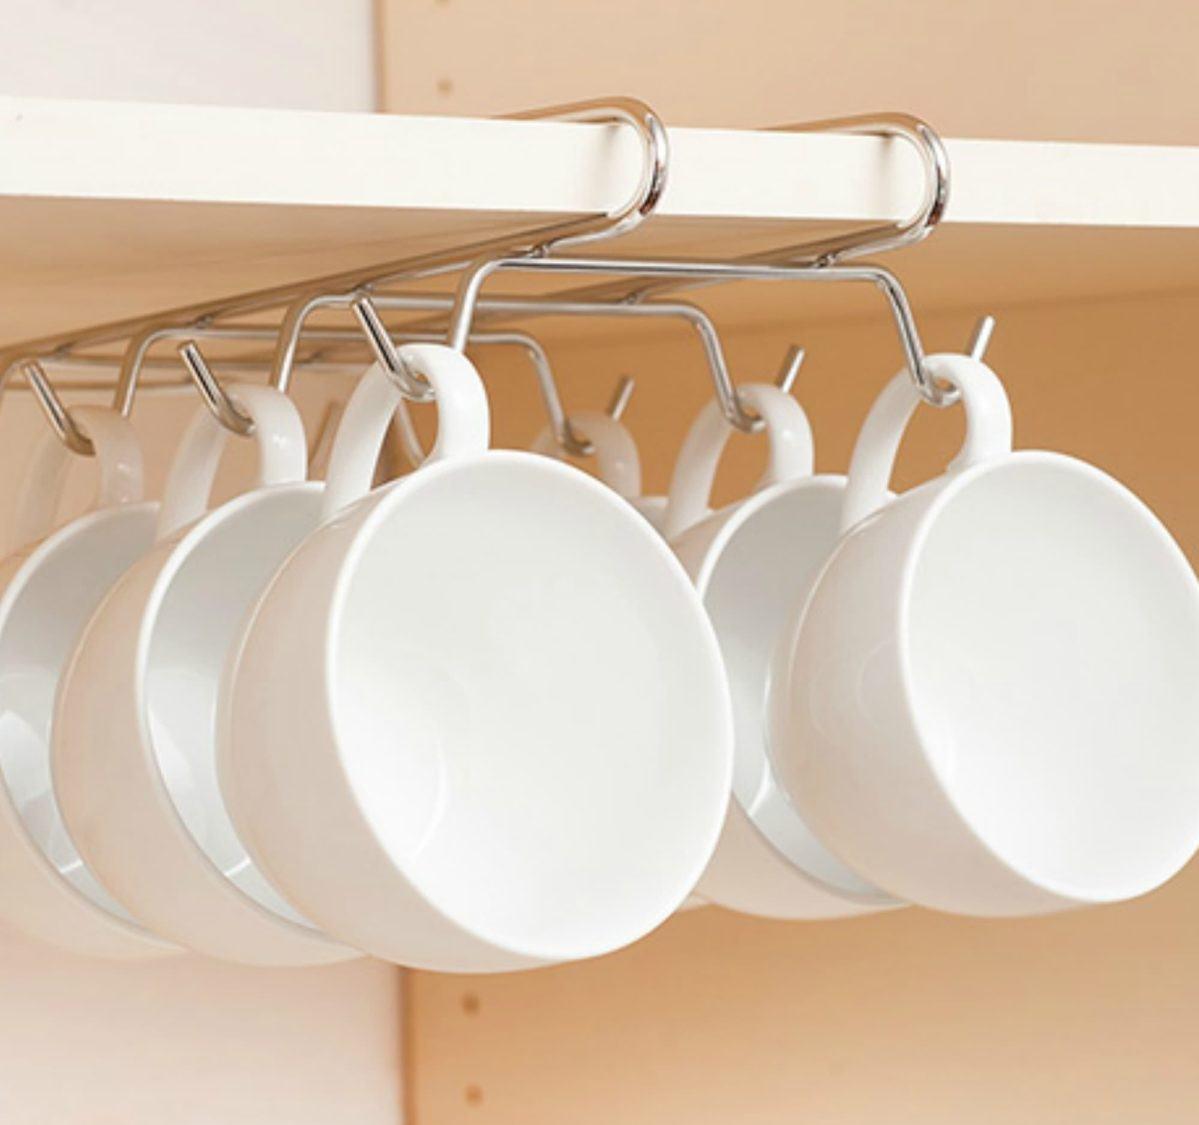 چیدمان لیوان های دسته دار، فنجان و ماگ داخل کابینت با آویز فنجان داخل کابینتی